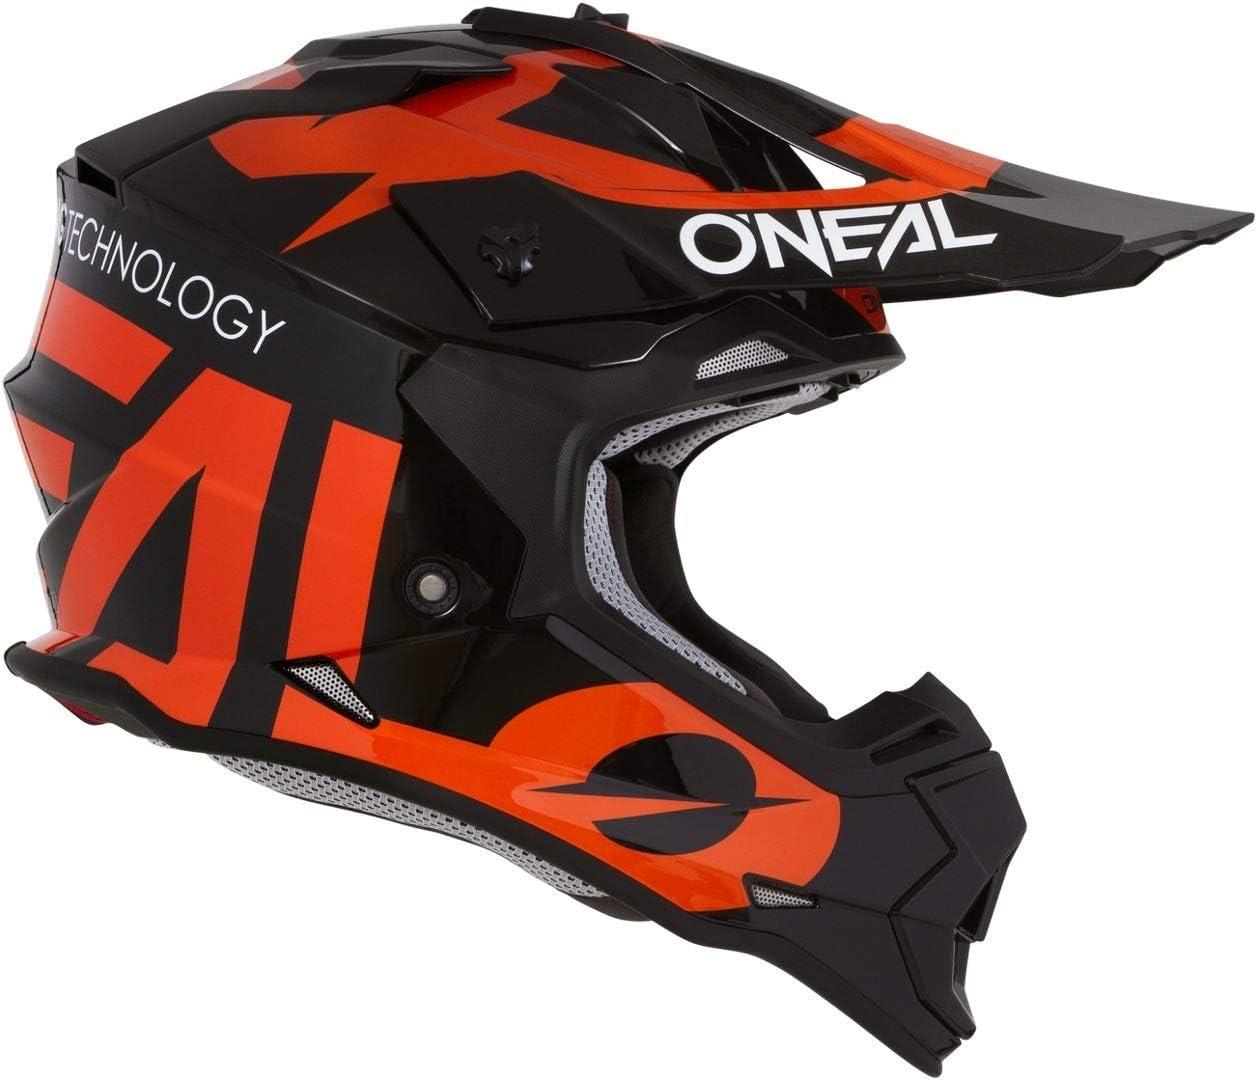 Oneal 2SRS Youth Helmet Slick Black//Orange Helmet